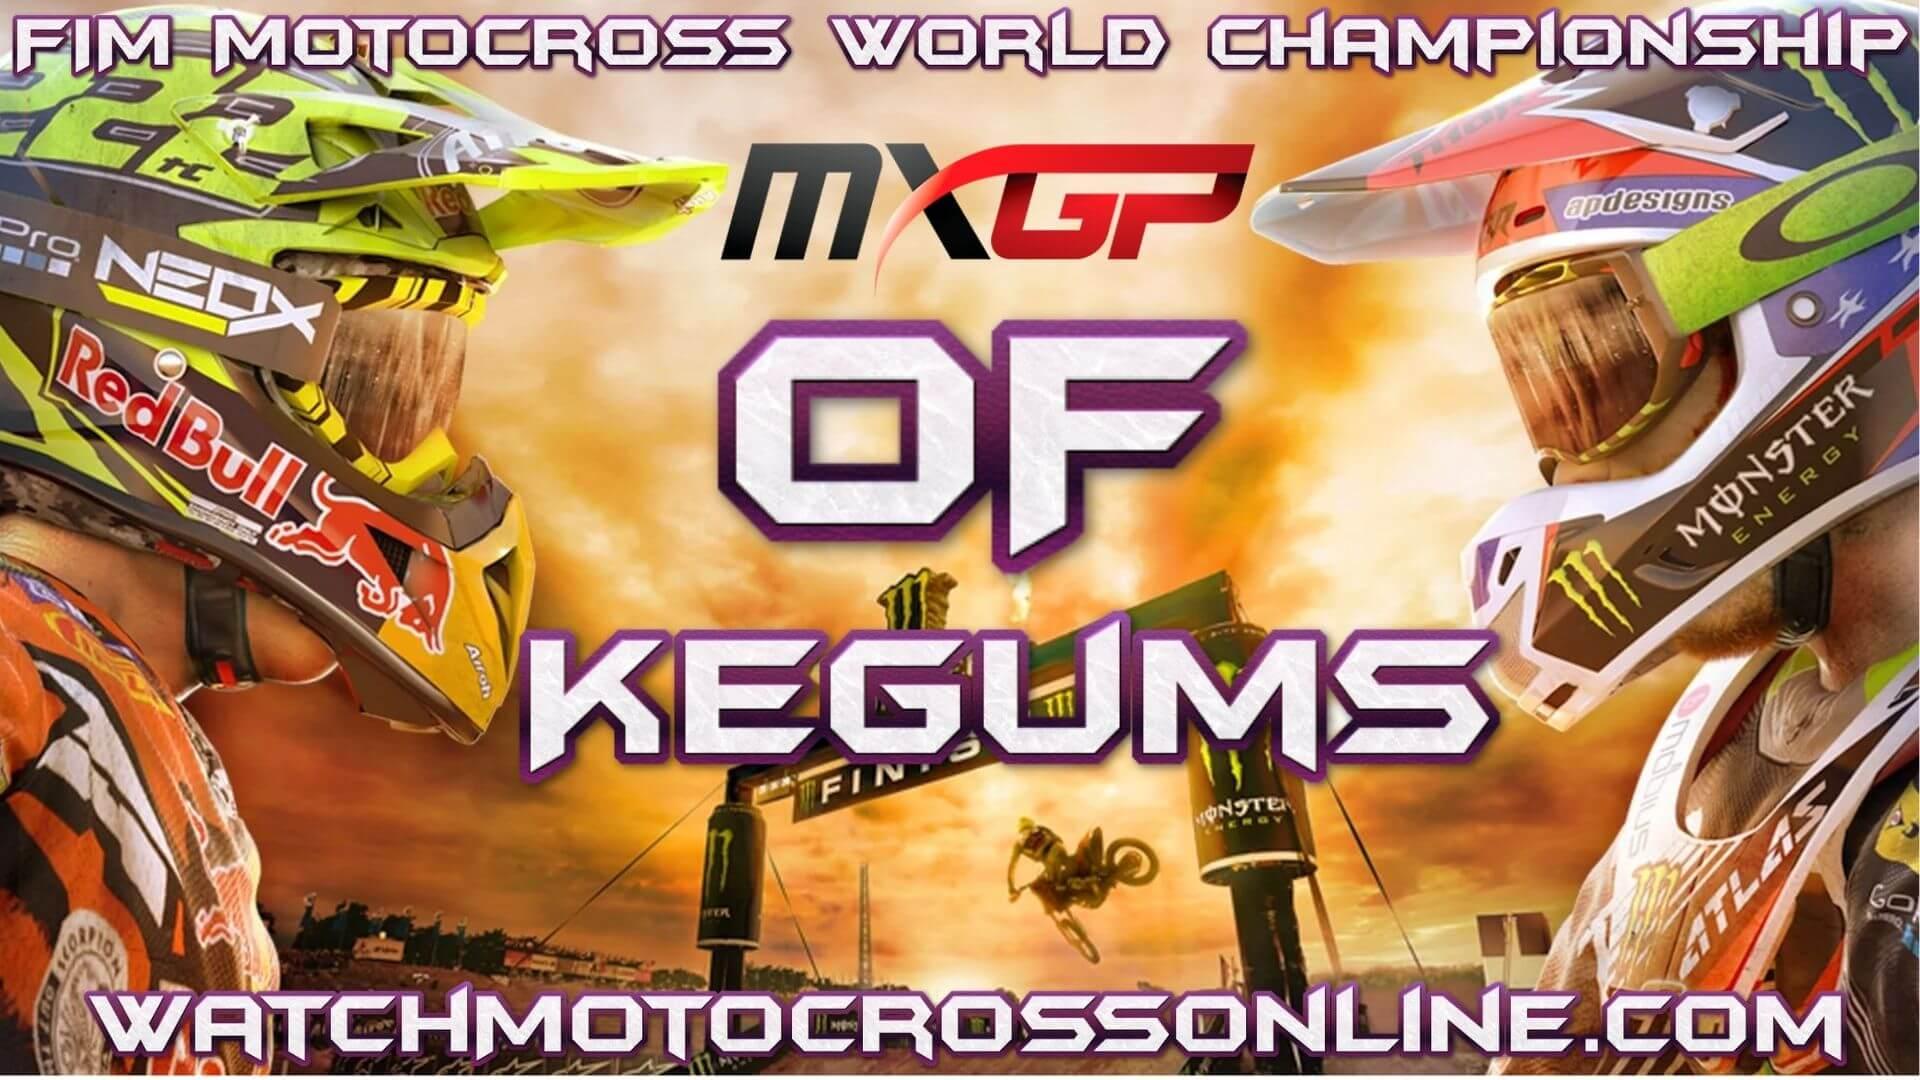 MXGP of Kegums Live Stream 2020